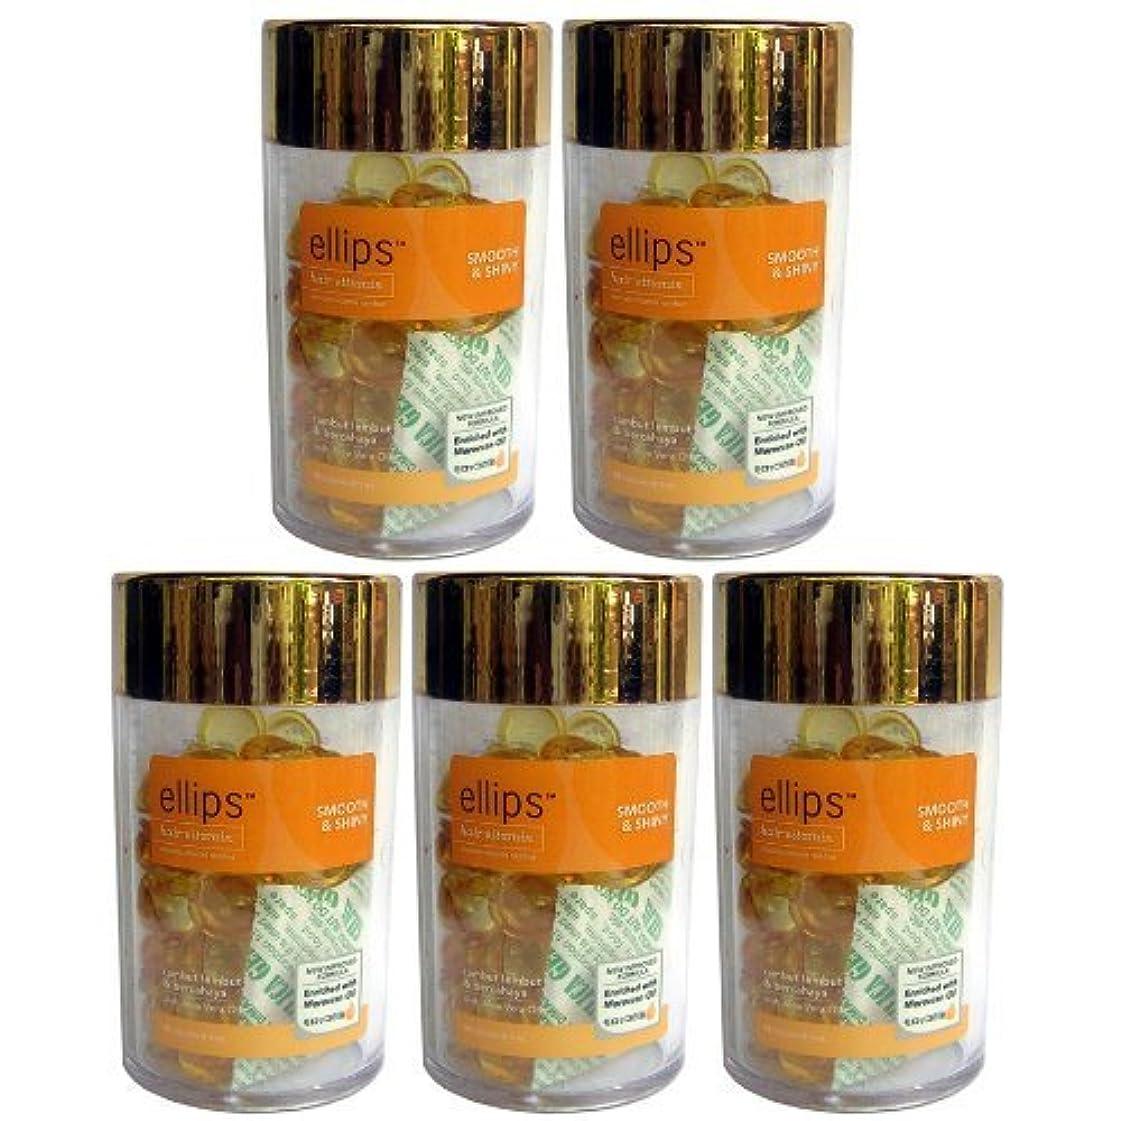 発掘するラメ温度計エリップスellipsヘアビタミン洗い流さないヘアトリートメント50粒入ボトル5本組(海外直送品)(並行輸入品) (黄色5本)